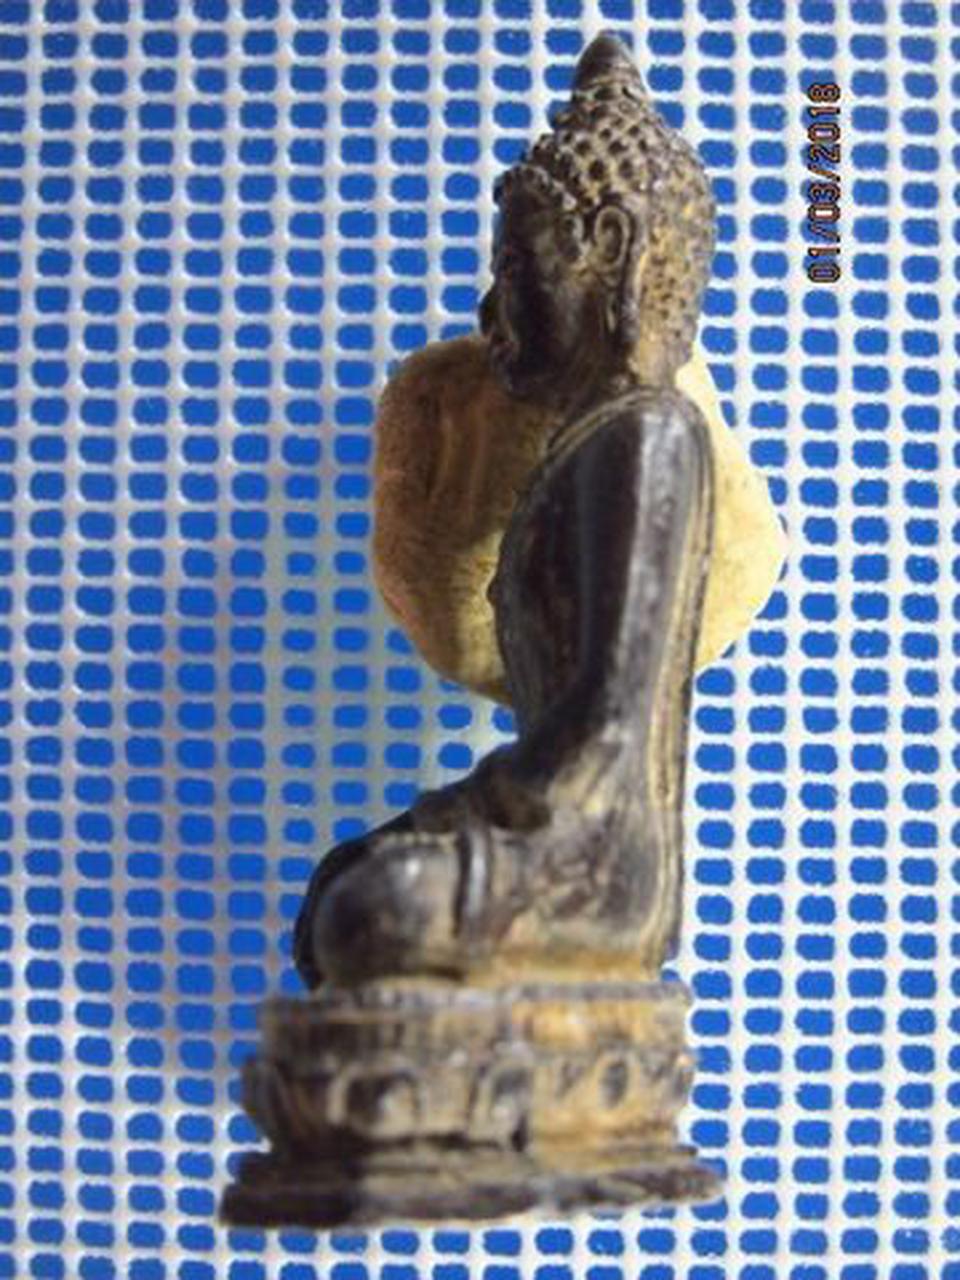 5131 พระบูชาเนื้อตะกั่วสนิมแดง ปิดทองเก่า ฐานกว้าง 1.4 นิ้ว  รูปที่ 3